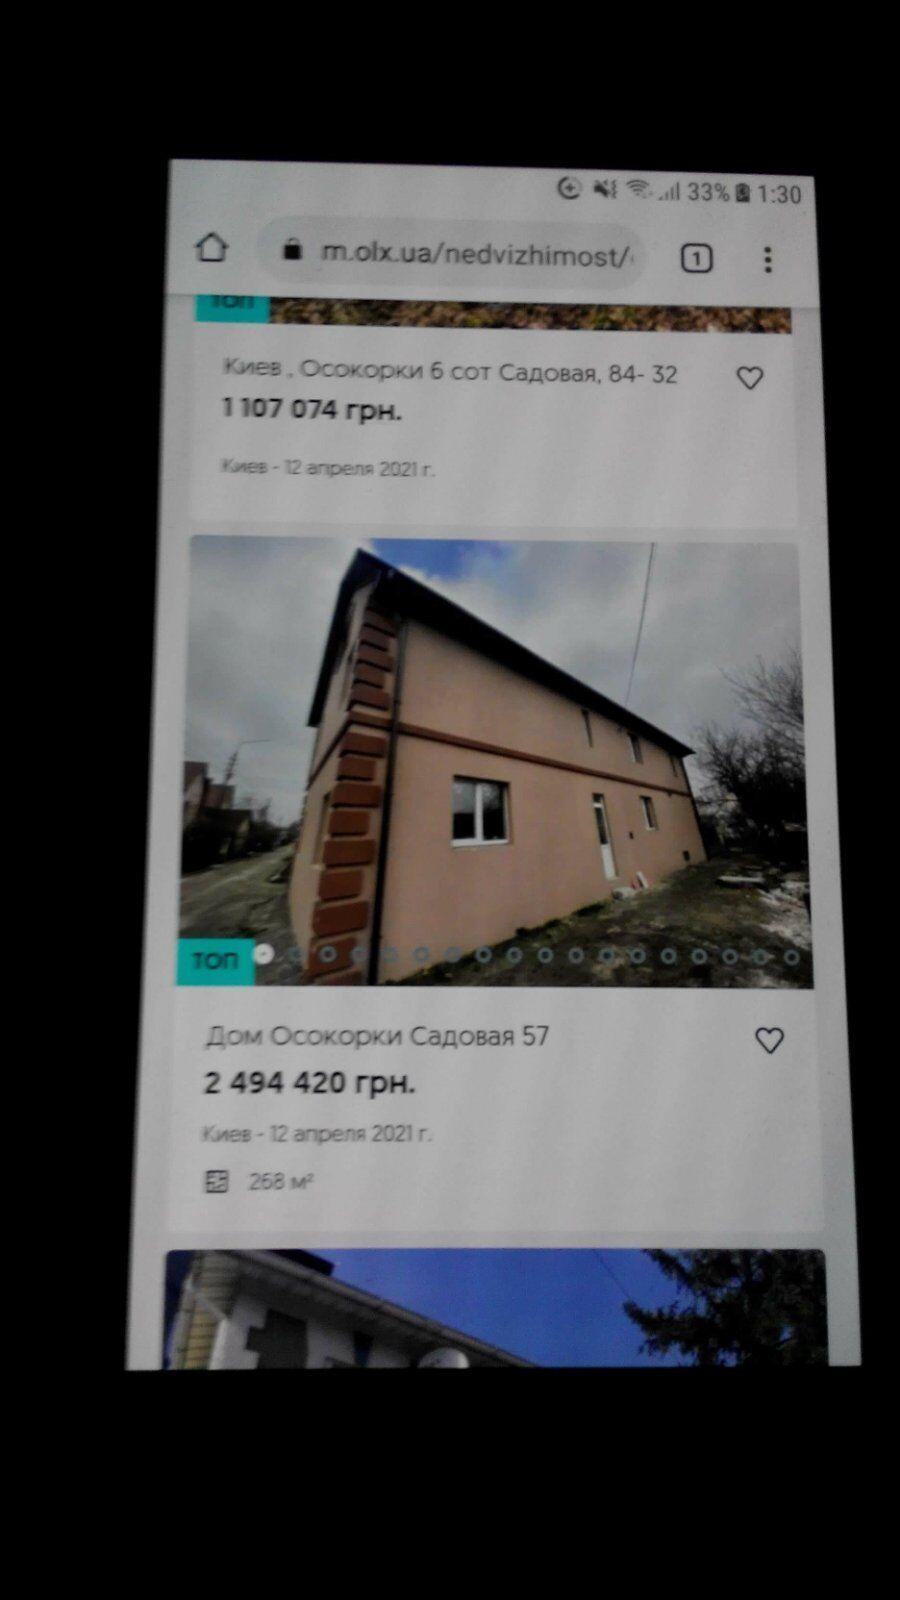 Вперше оголошення про продаж будинку Аліни було опубліковане 12 квітня – за два тижні після того, як родина жінки опинилася на вулиці